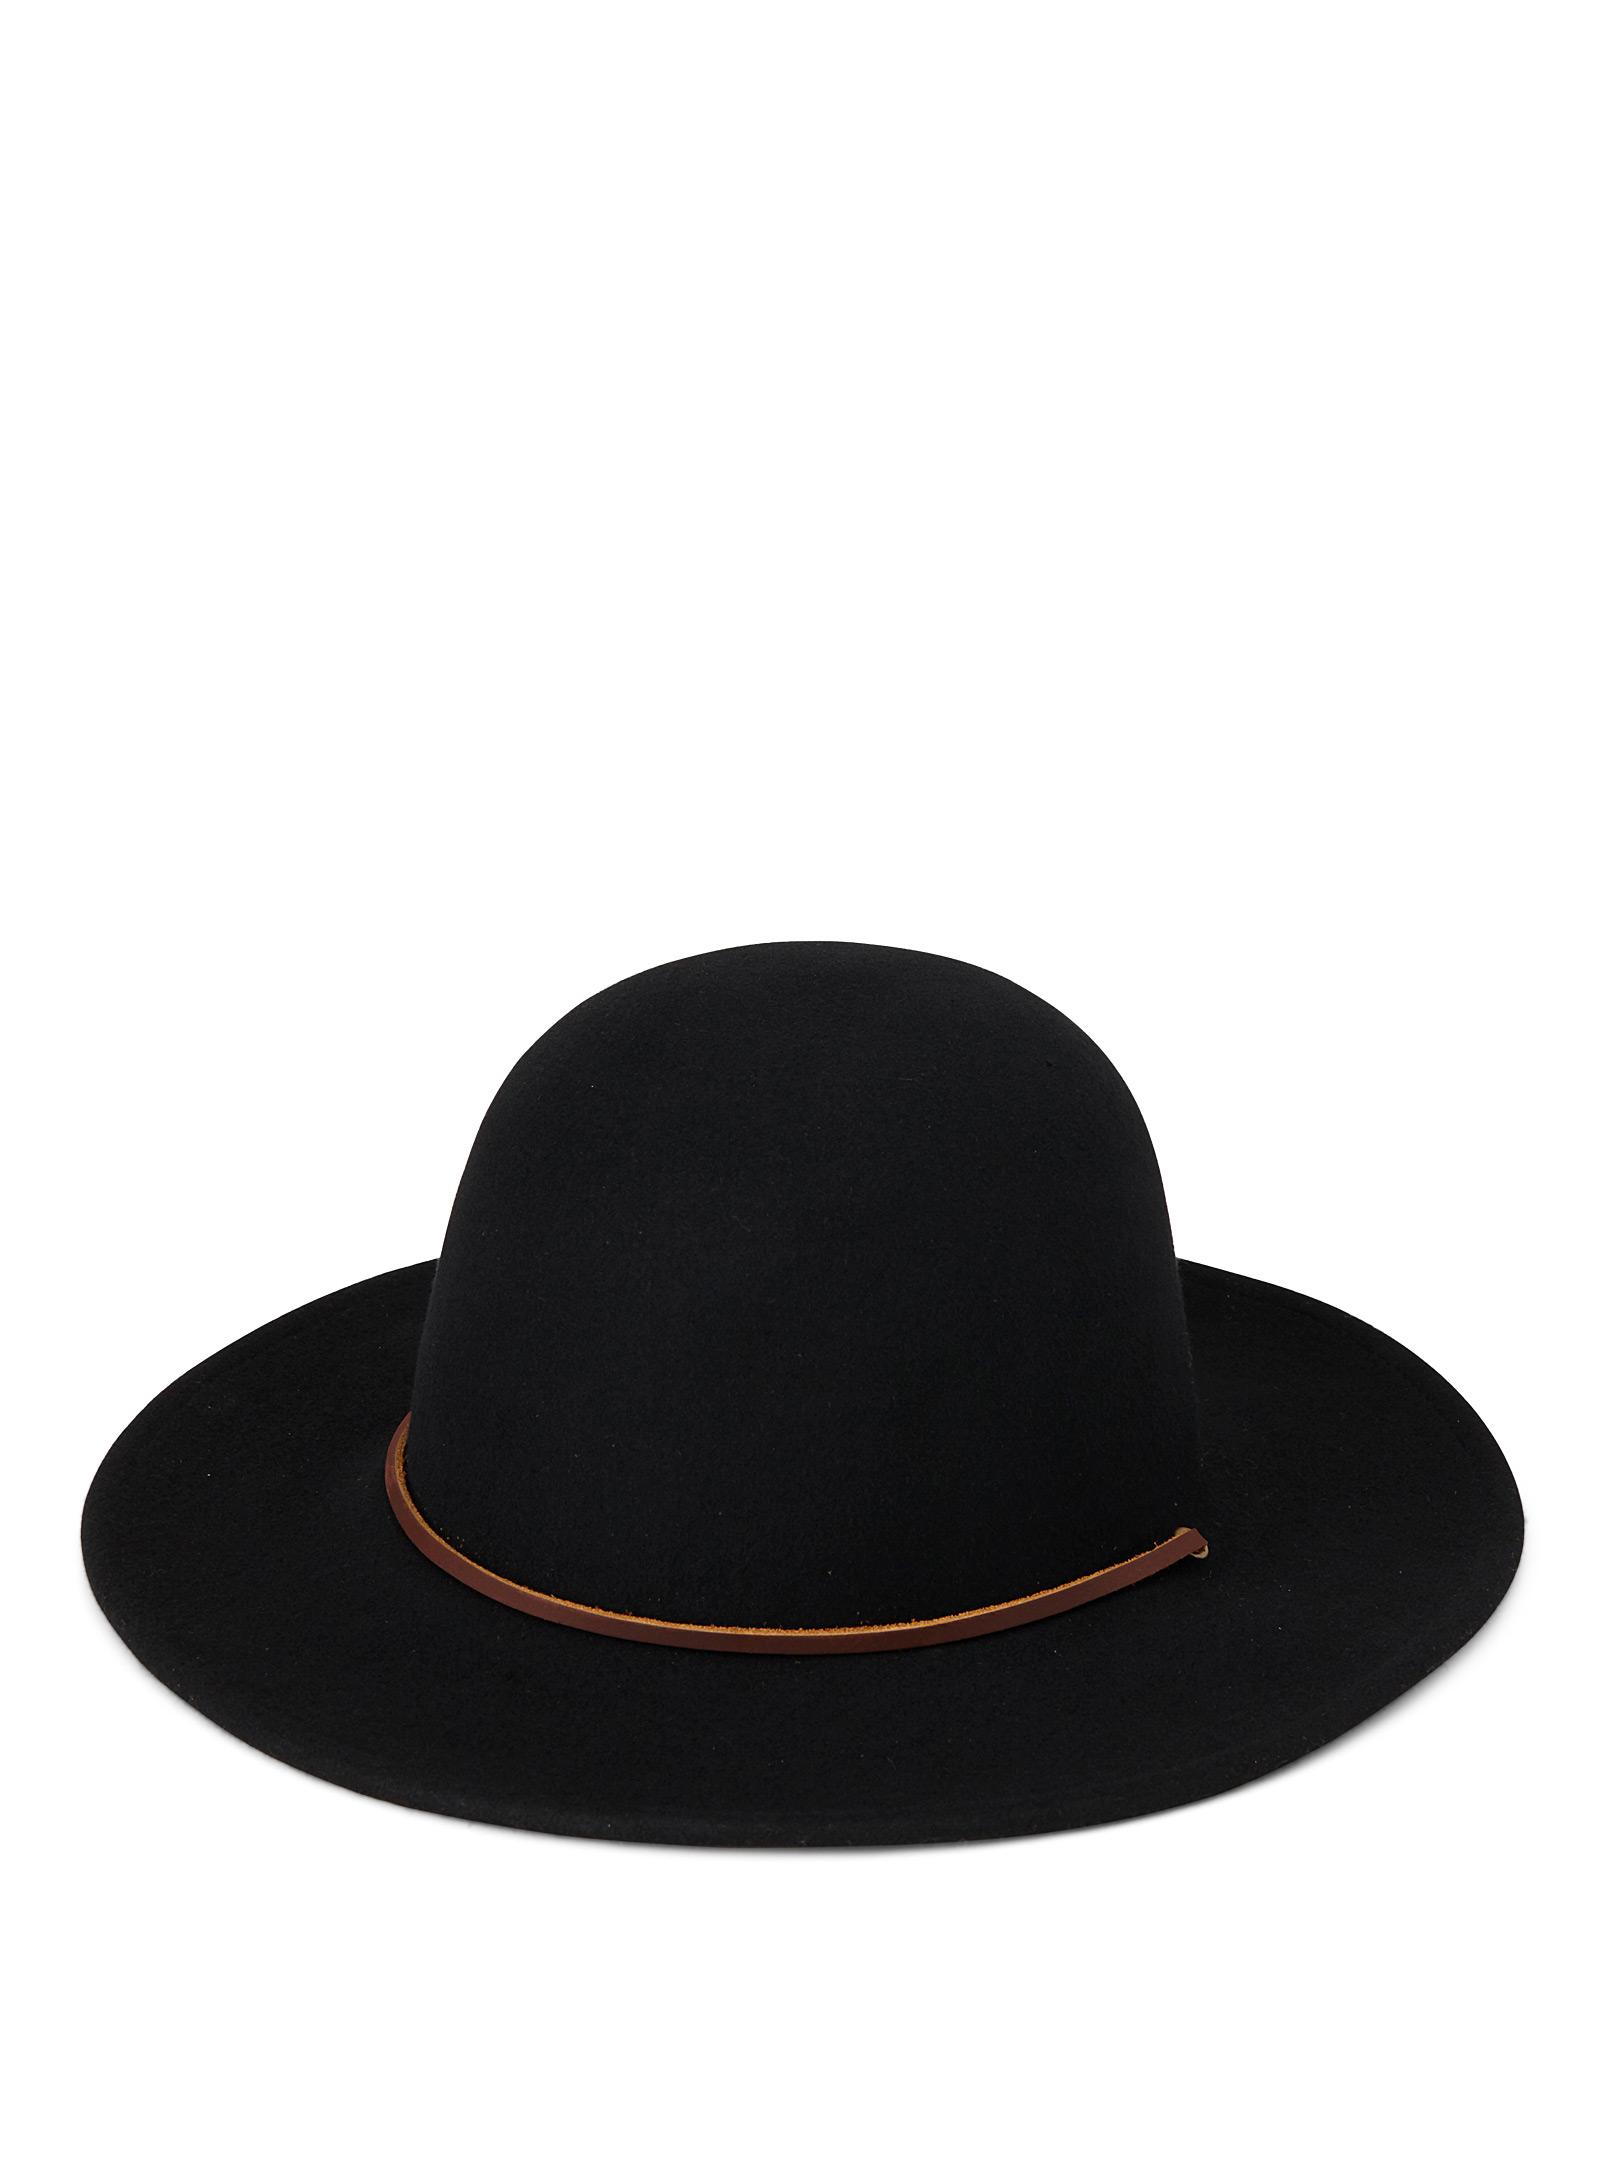 chapeau, feutre, cuir, simons